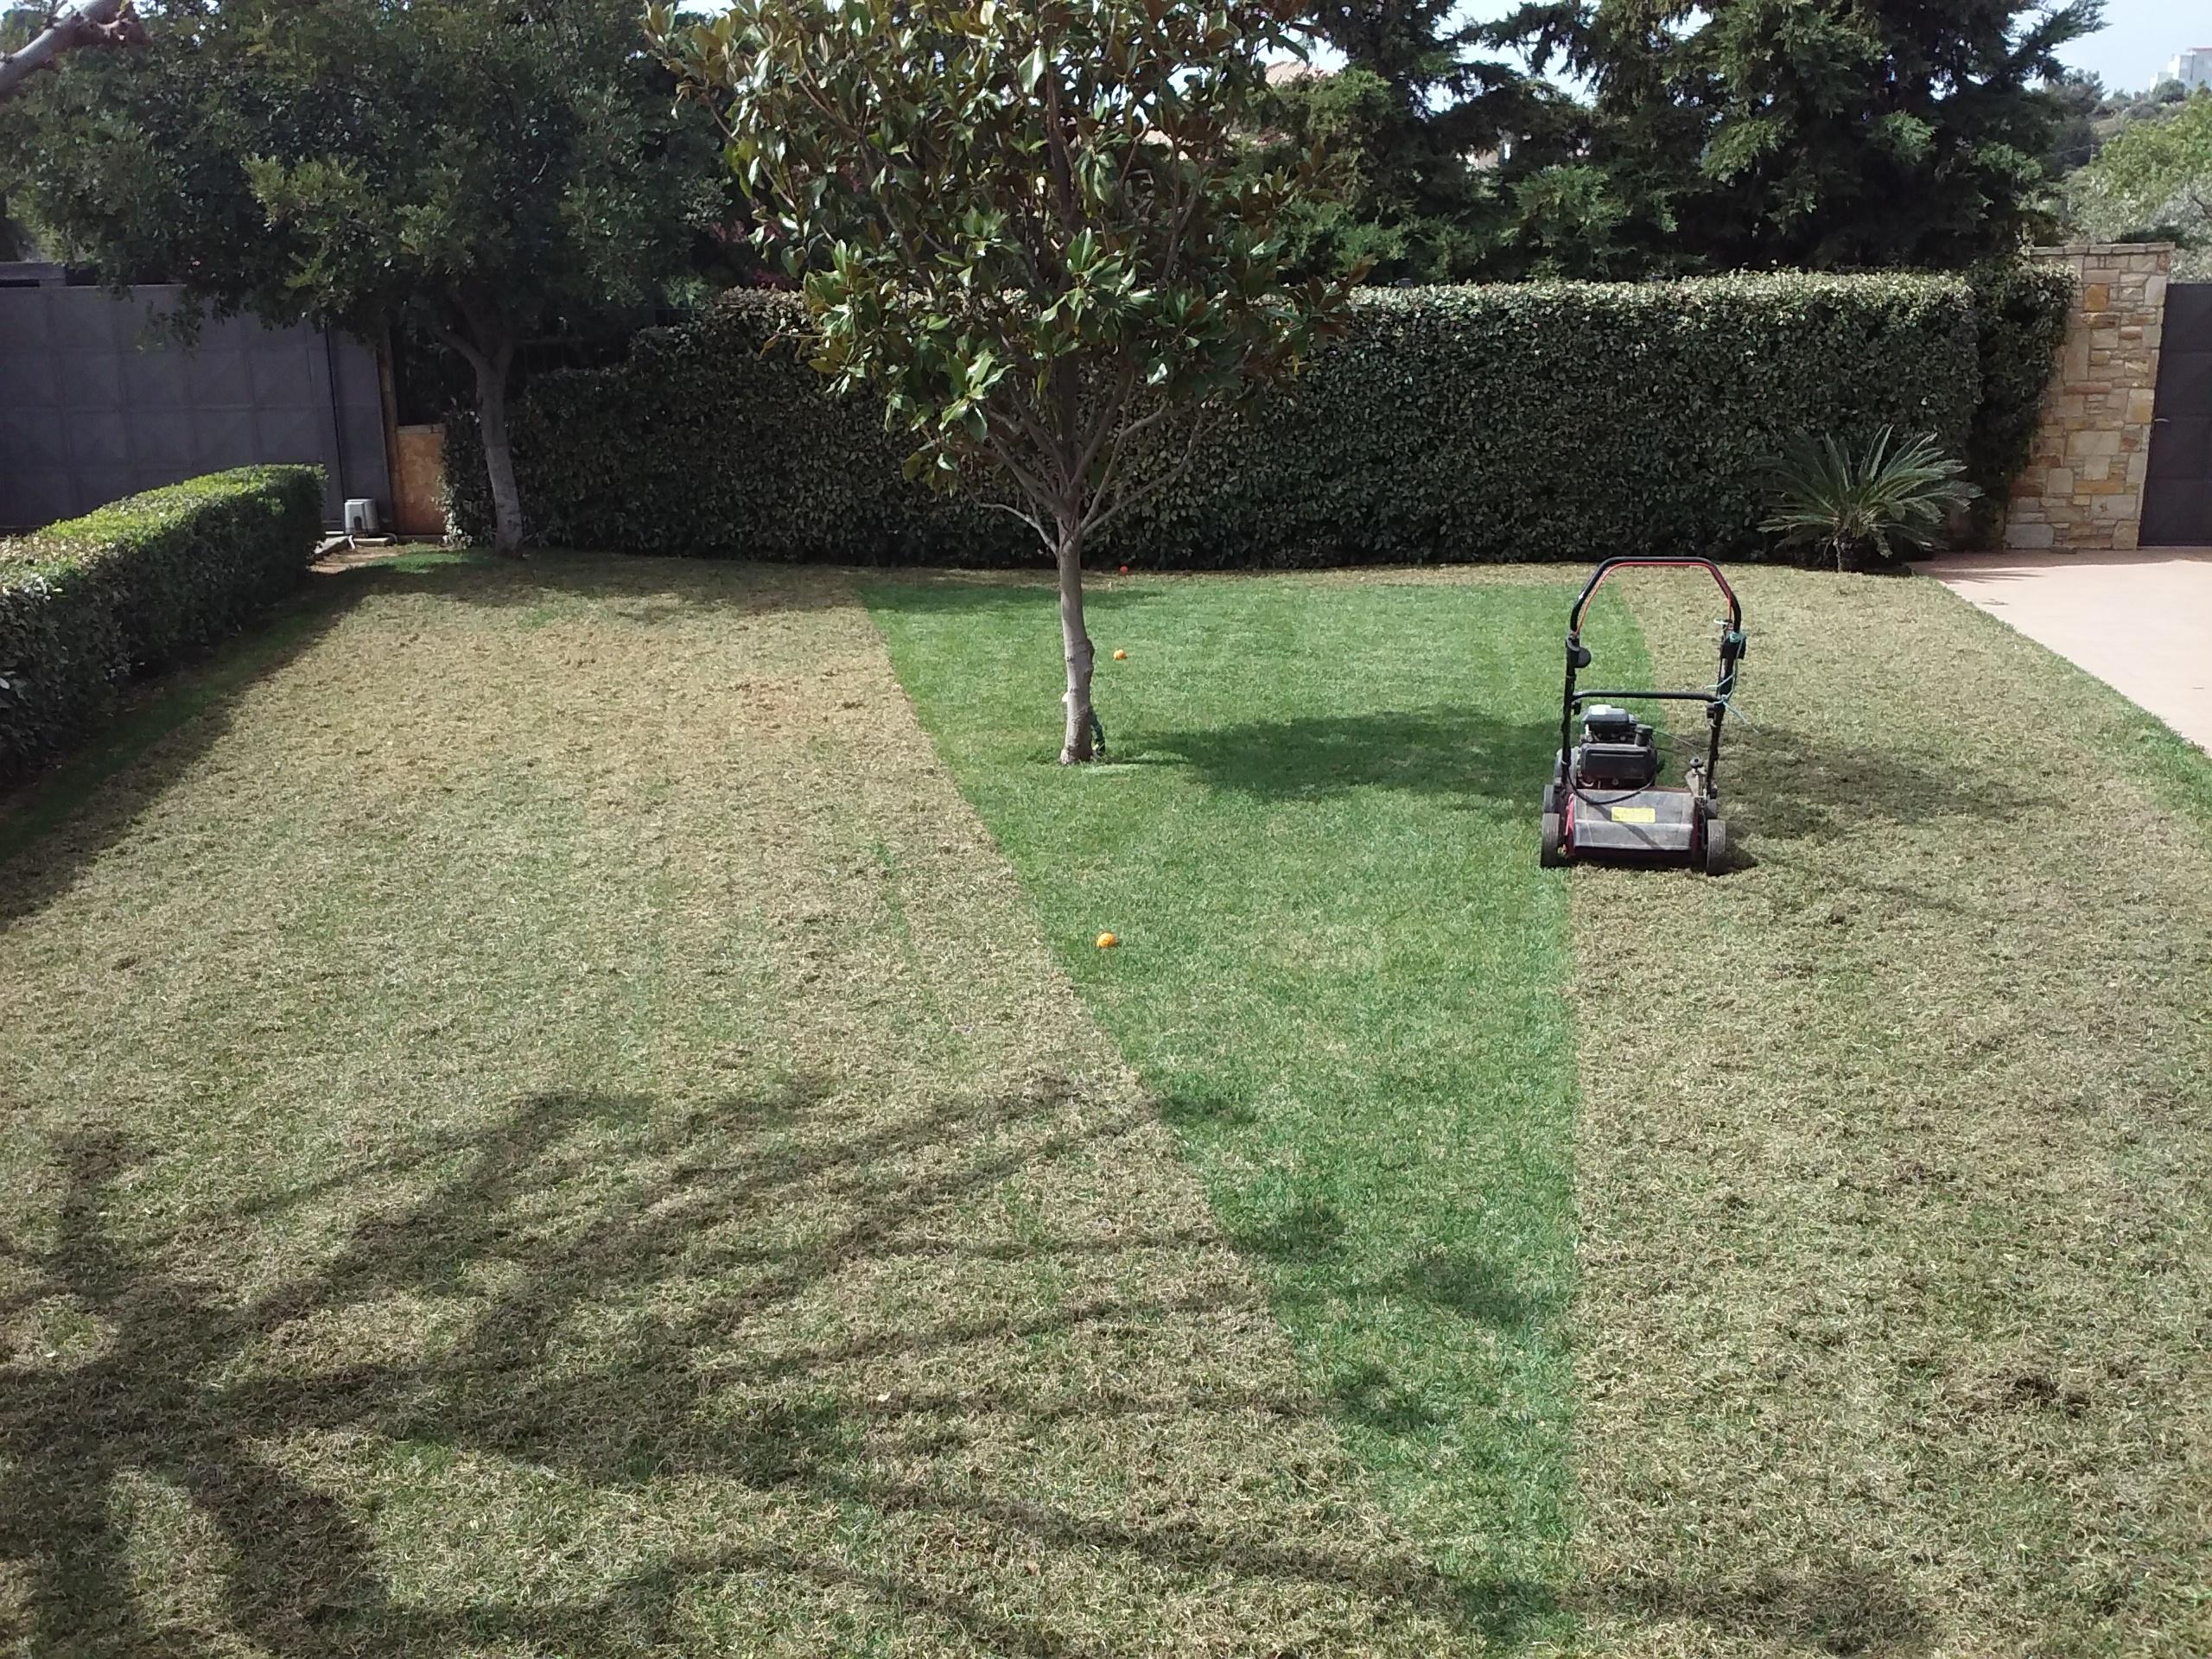 Συντήρηση κήπων-Εξαραίωση χλοοτάπητα-Turf verticutting-Topos Renovation